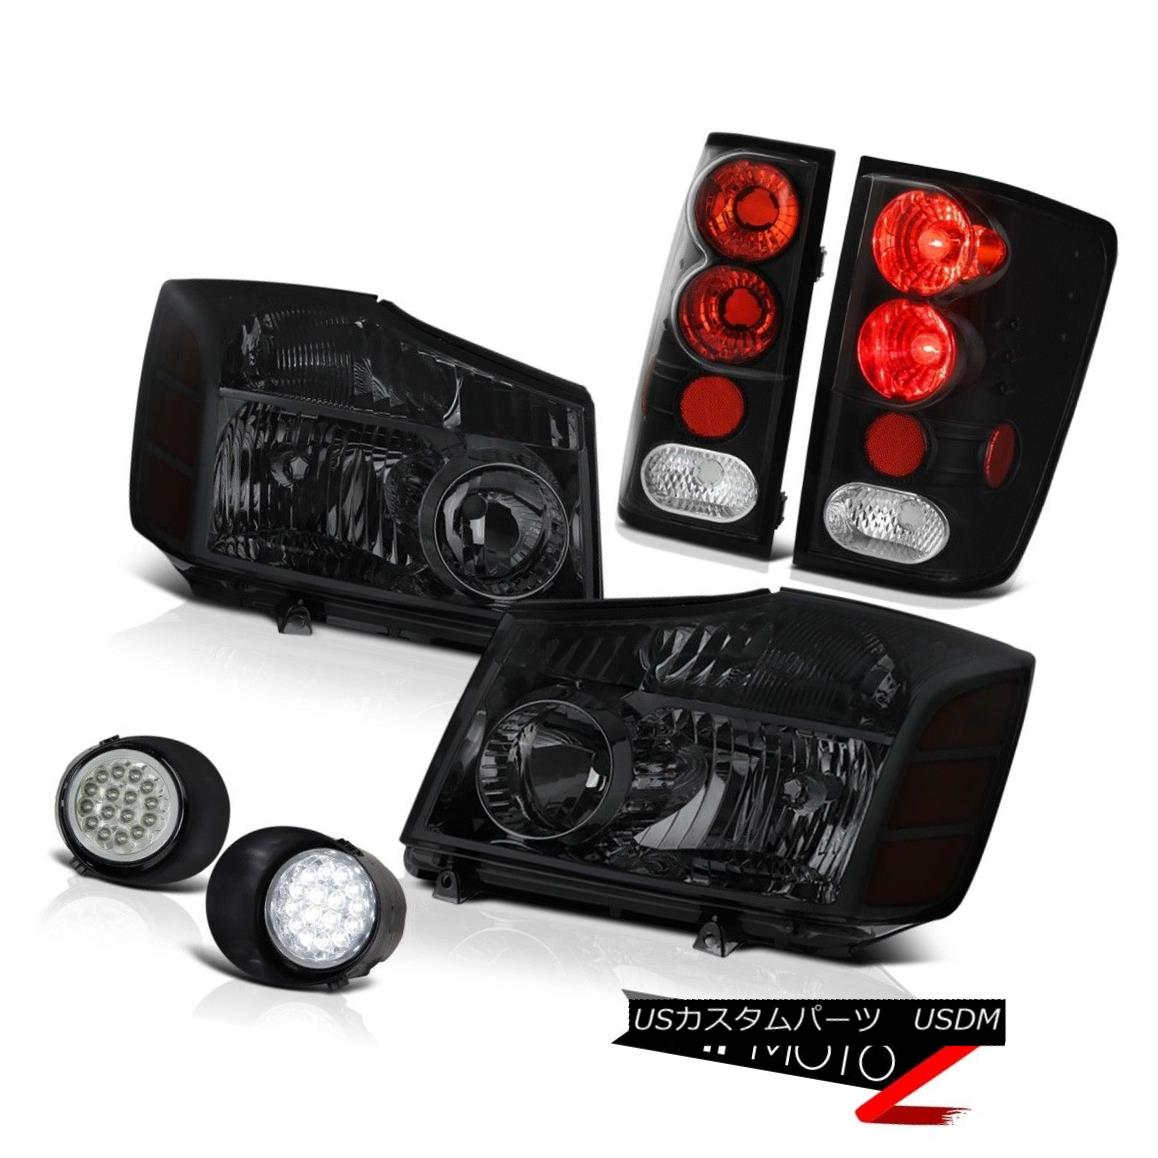 ヘッドライト For 2004-2015 09 10 11 Titan S Tinted Headlight Headlamp Tail Light SMD LED Fog 2004年?2015年09 10 11タイタンSヘッドライトヘッドライトテールライトSMD LEDフォグ